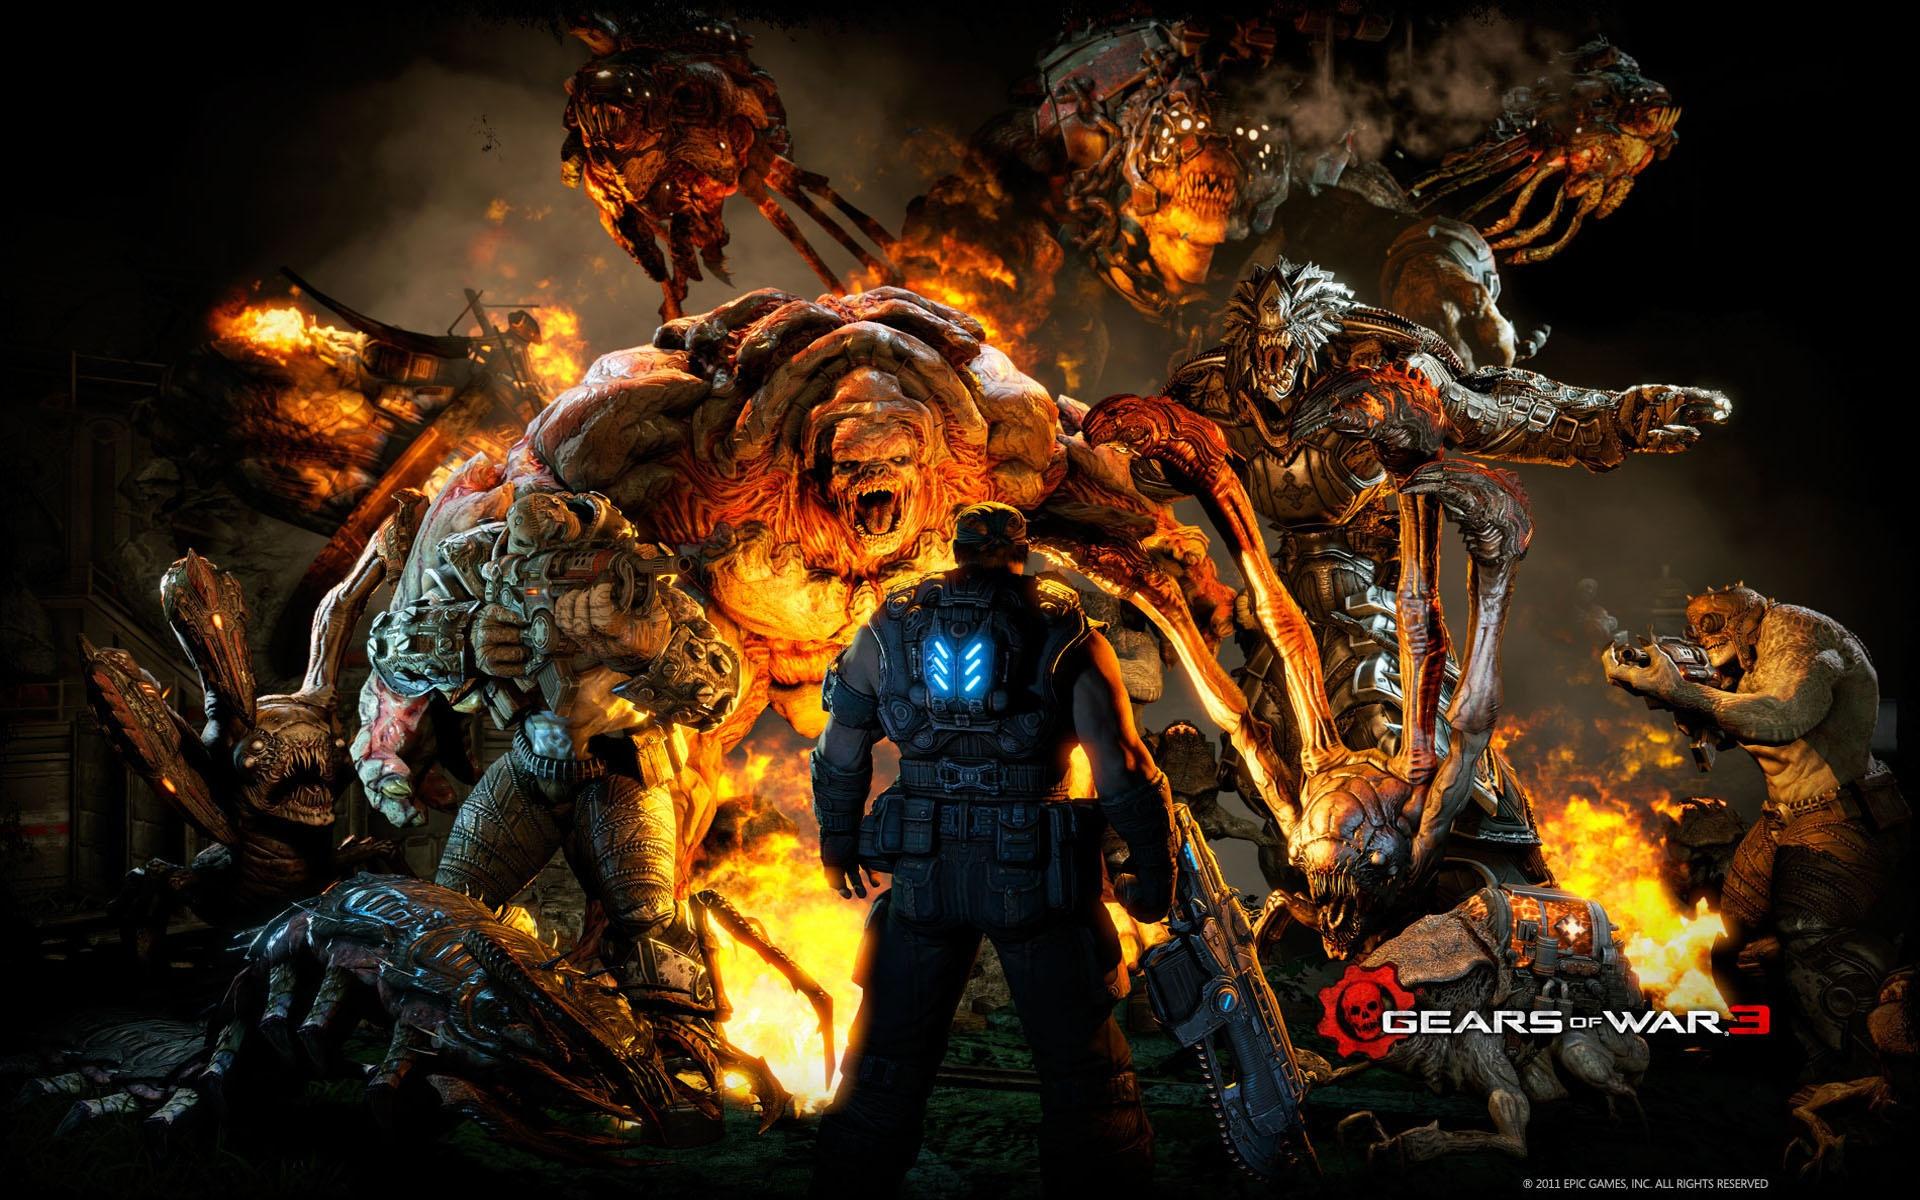 Gears-Of-War-3-Mission-.jpg